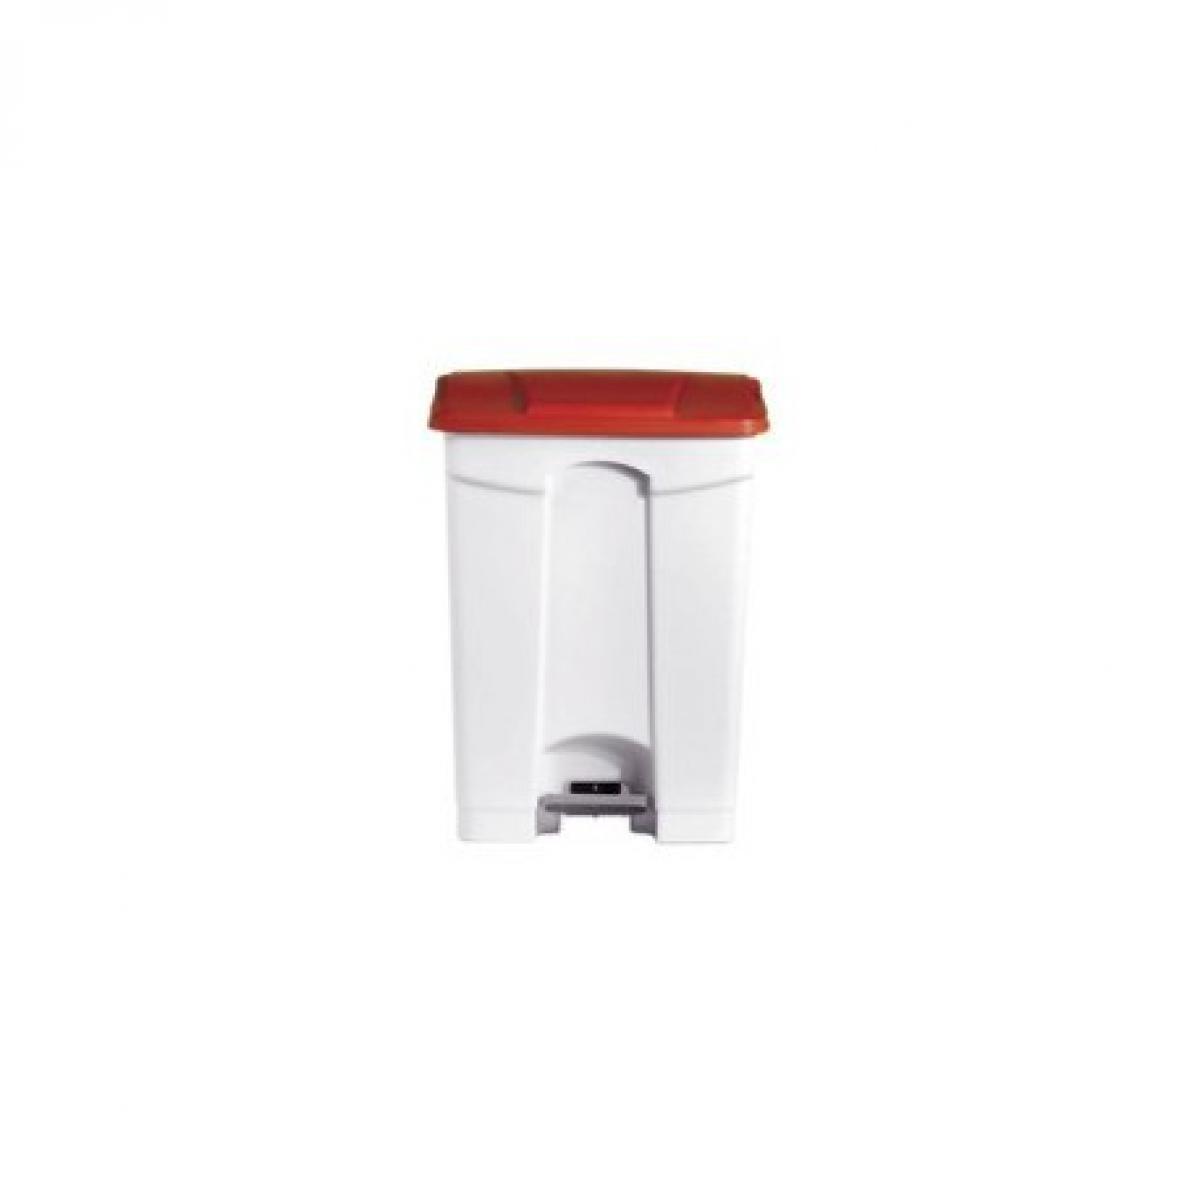 L2G Poubelle Blanche 90 litres avec Couvercle Rouge - L2G -